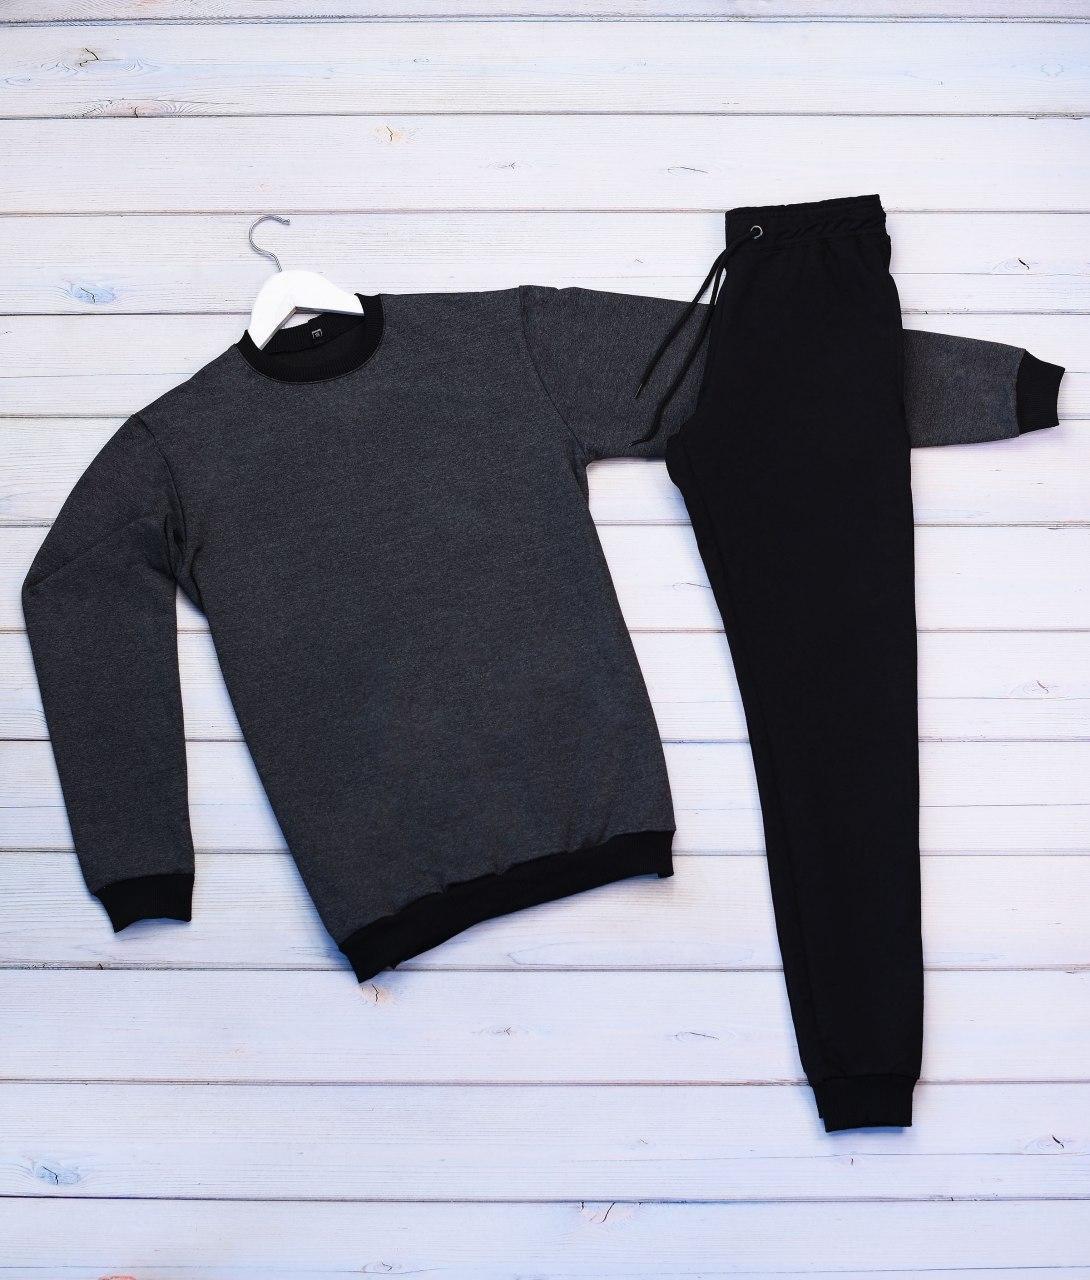 Чоловічий спортивний костюм реглан сіра кофта, чорні штани